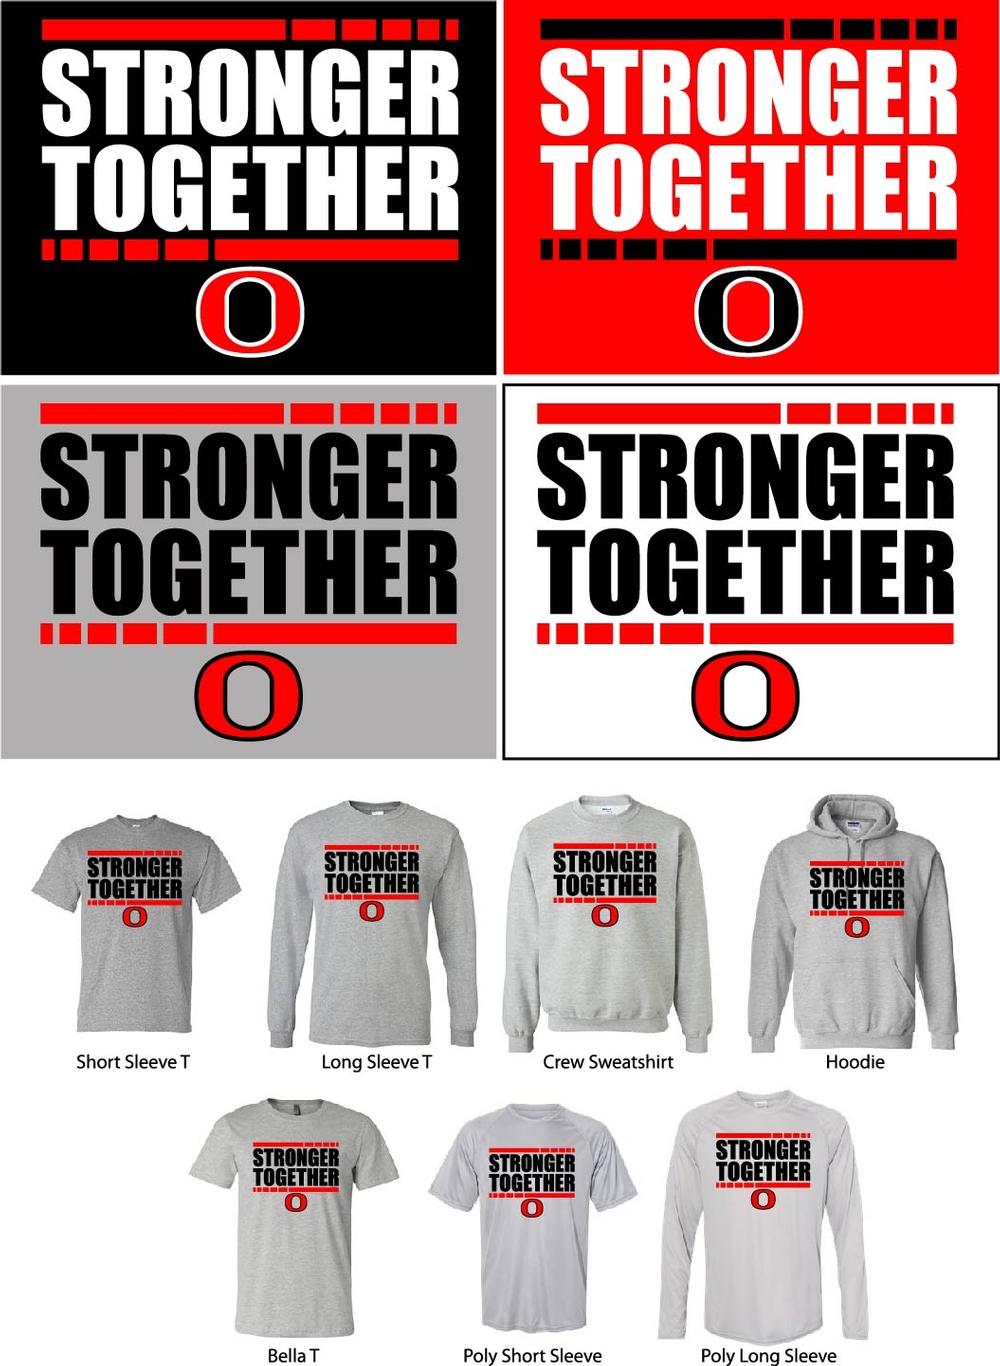 Stronger Together Design